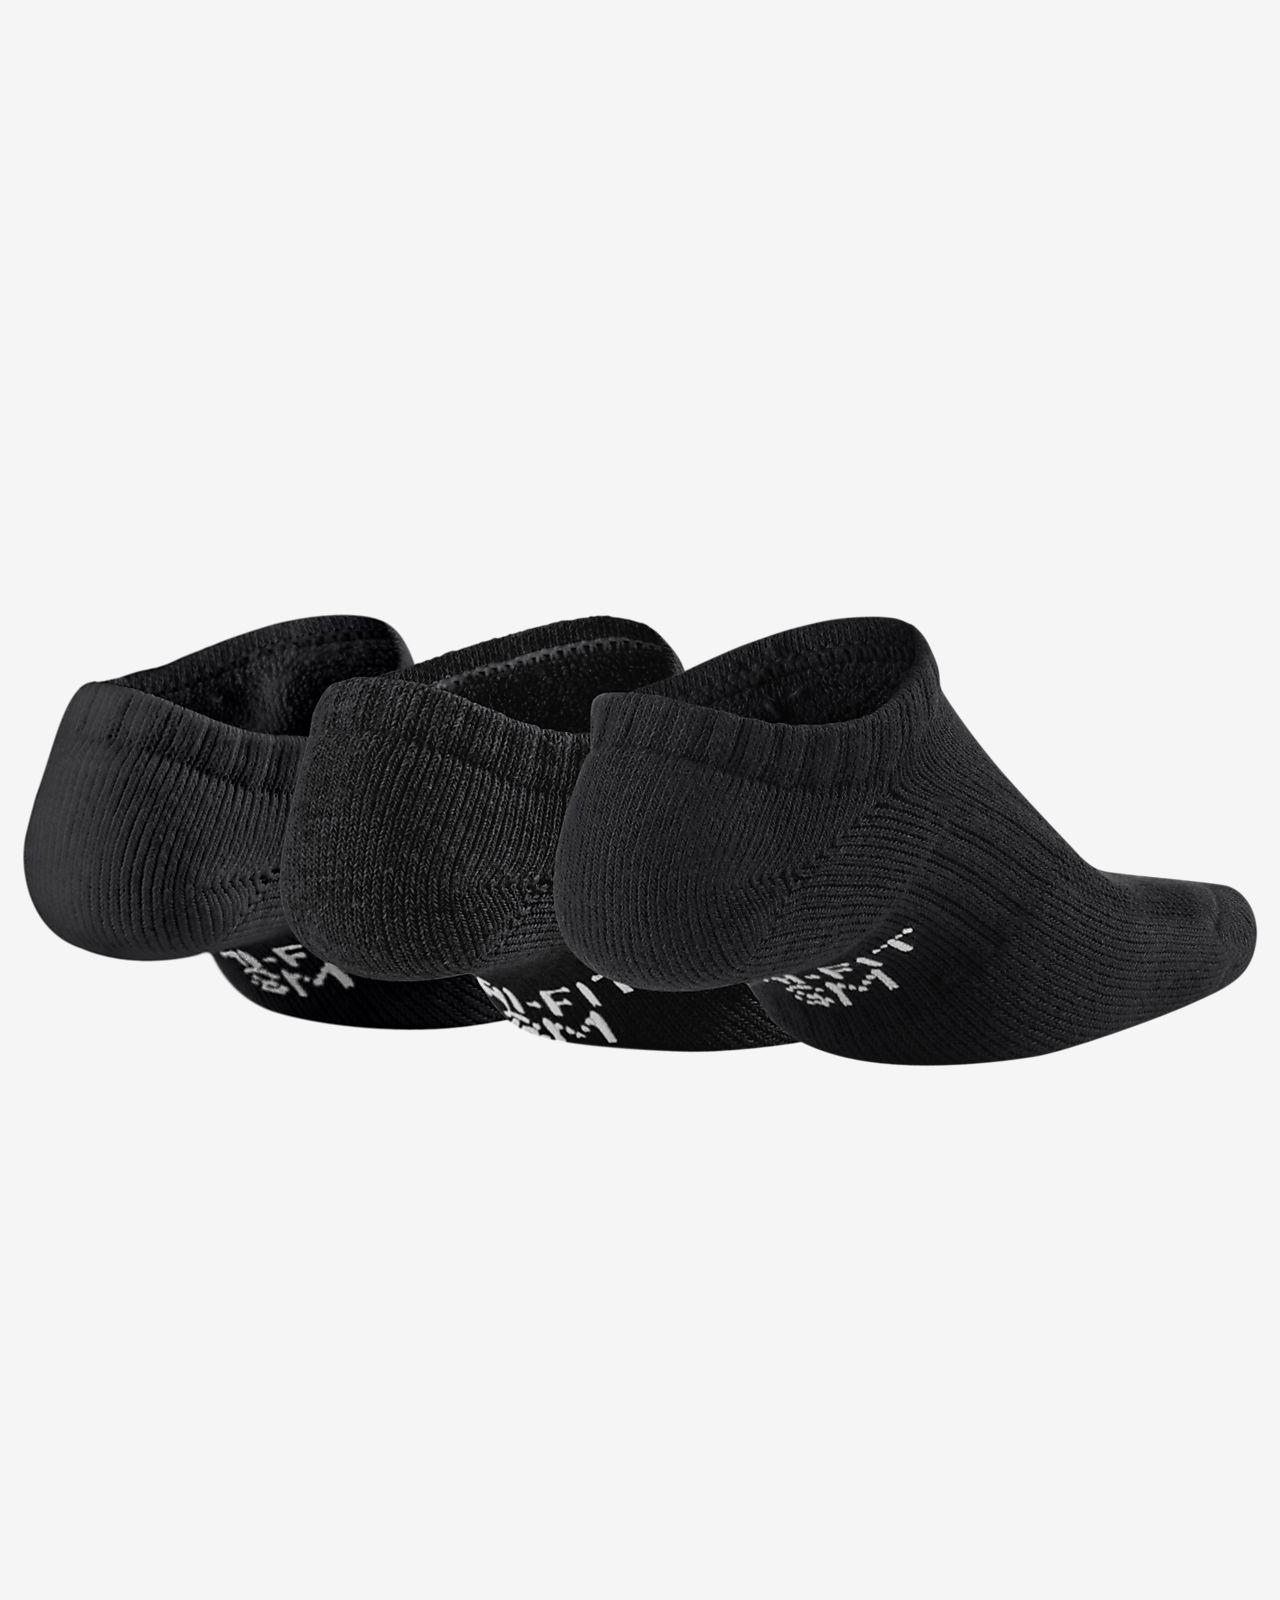 best service dd29a 71e11 ... Chaussettes de training Nike Performance Cushioned No-Show pour Enfant  (3 paires)